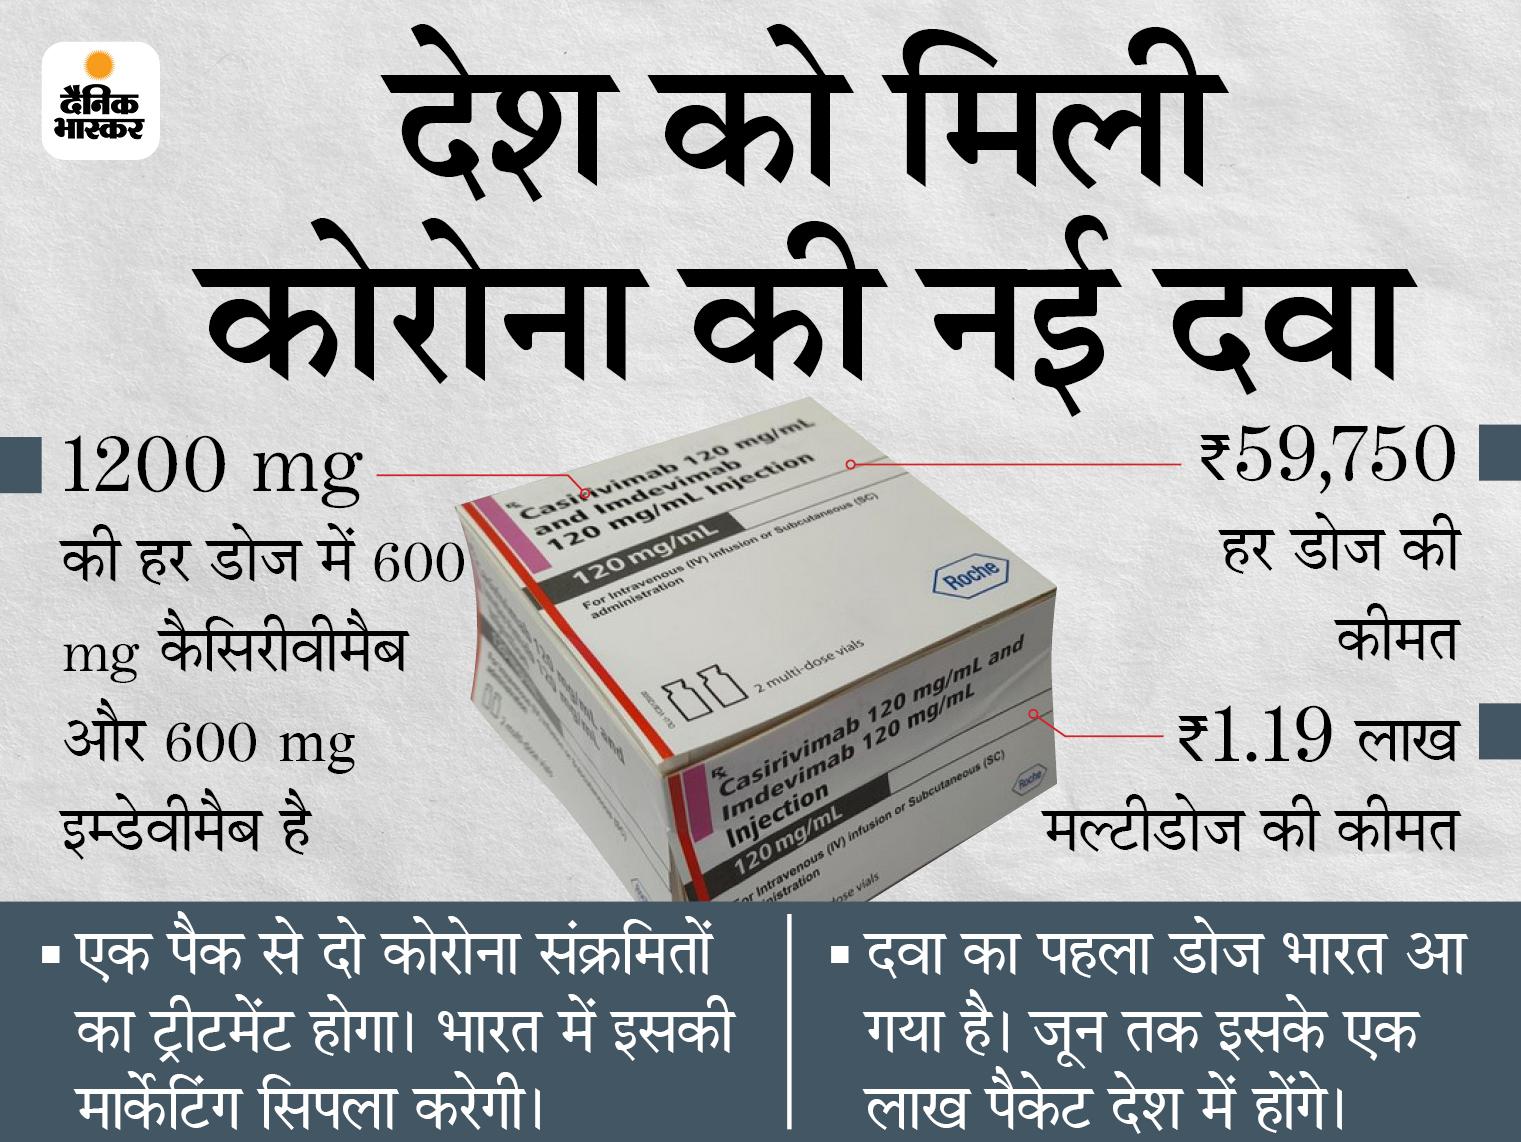 60 हजार में मिलेगी कोरोना की एंटीबॉडी कॉकटेल की डोज; एक्सपर्ट बोले- अस्पताल के चक्कर से बच जाएंगे मरीज देश,National - Dainik Bhaskar